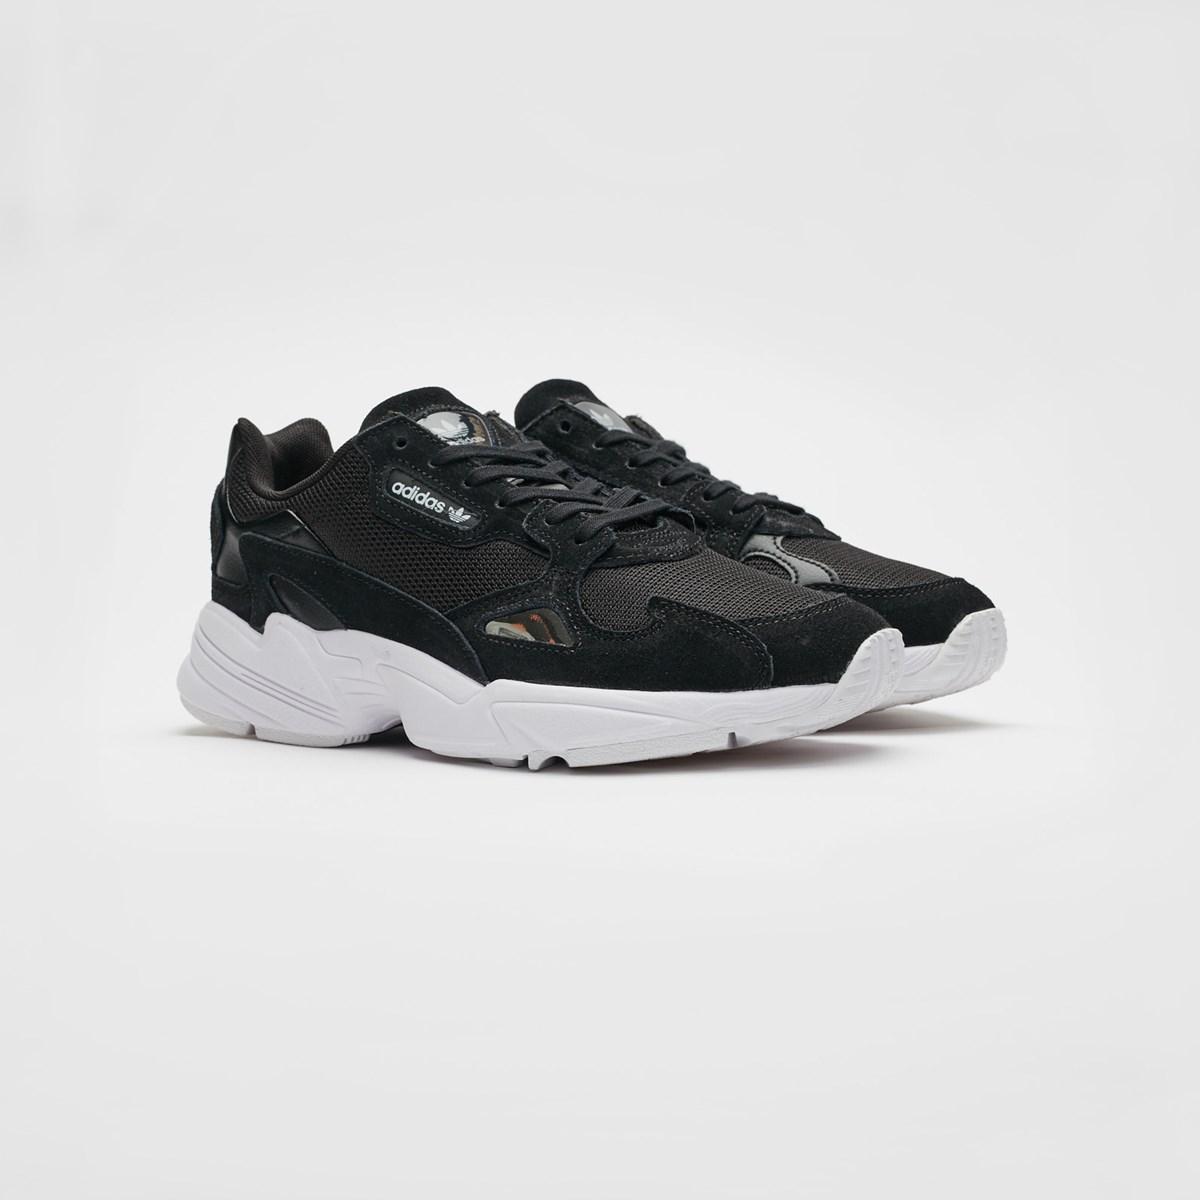 adidas Falcon W B28129 Sneakersnstuff | sneakers & streetwear en ligne depuis 1999